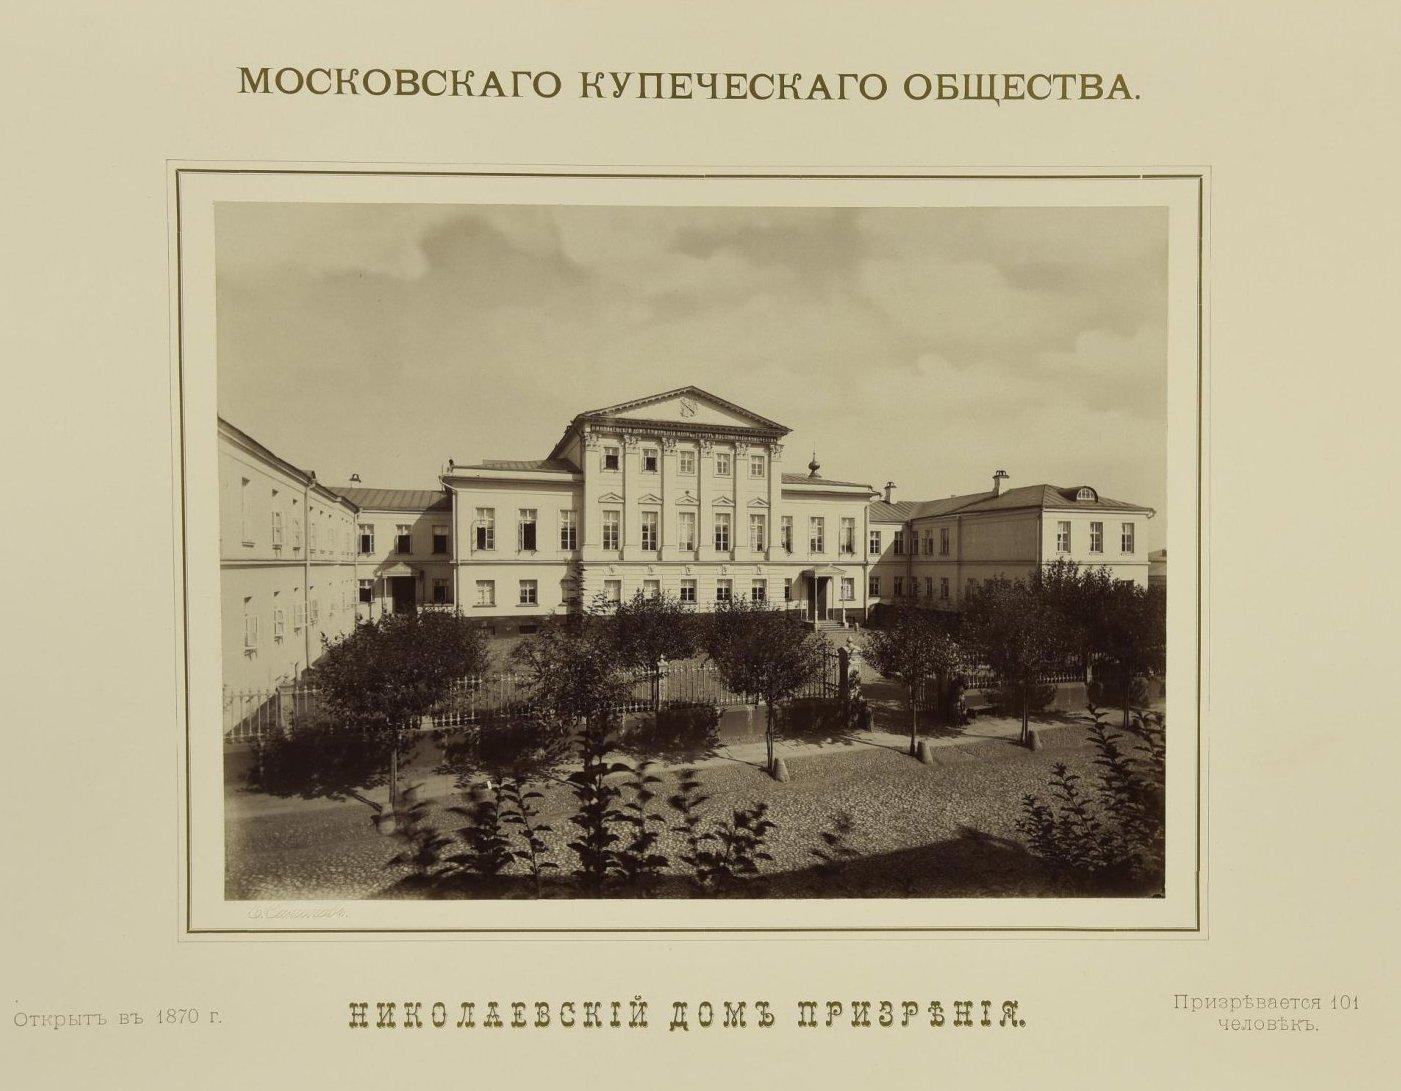 11. Николаевский дом призрения